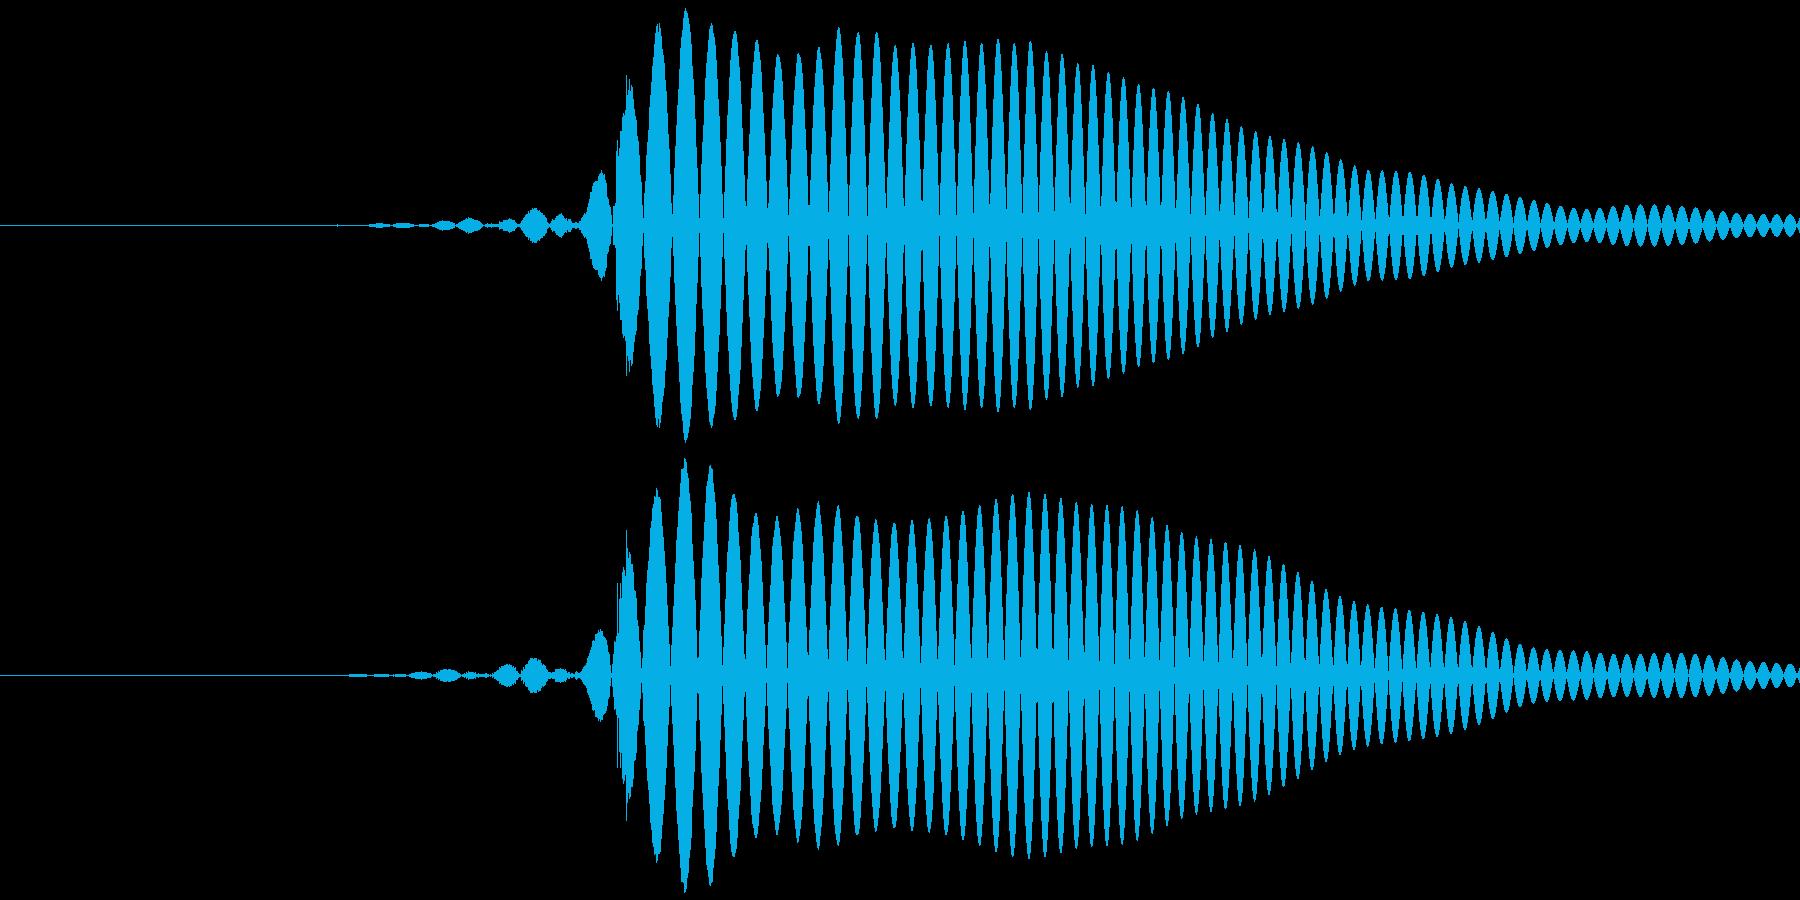 ポッッ (低め) テロップ音など の再生済みの波形